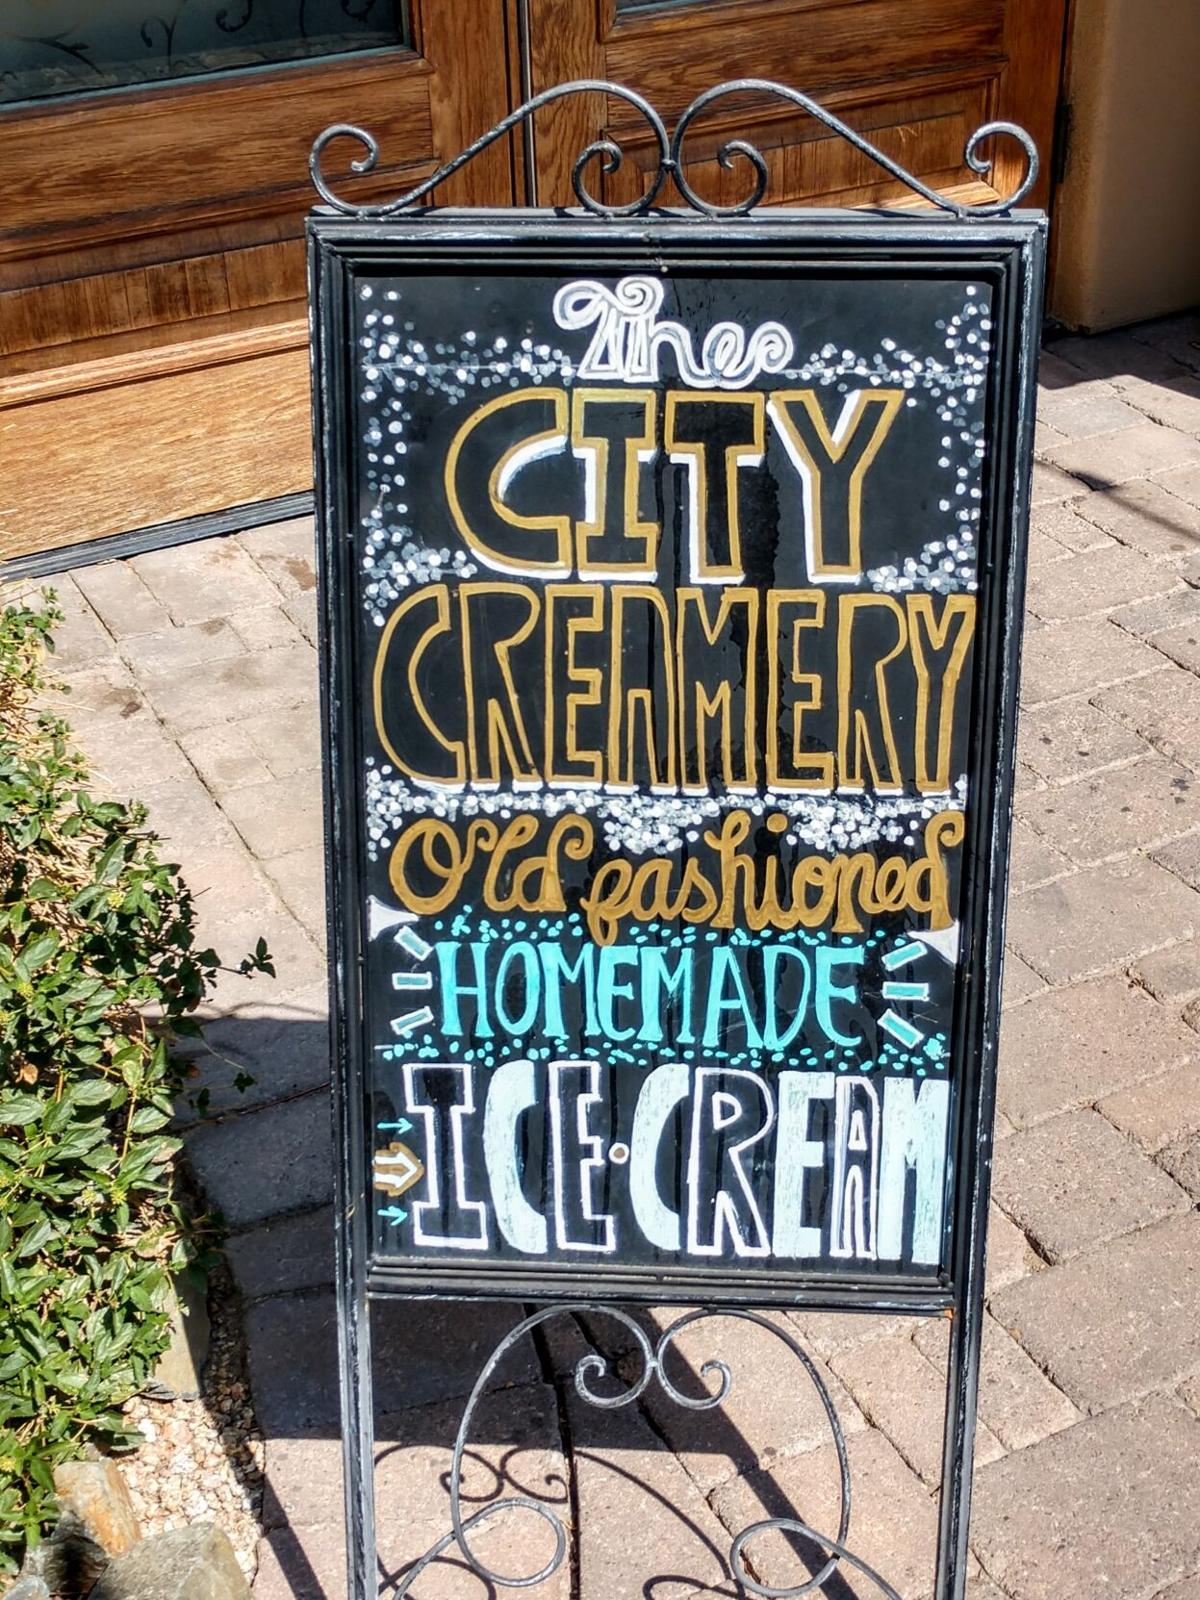 The City Creamery